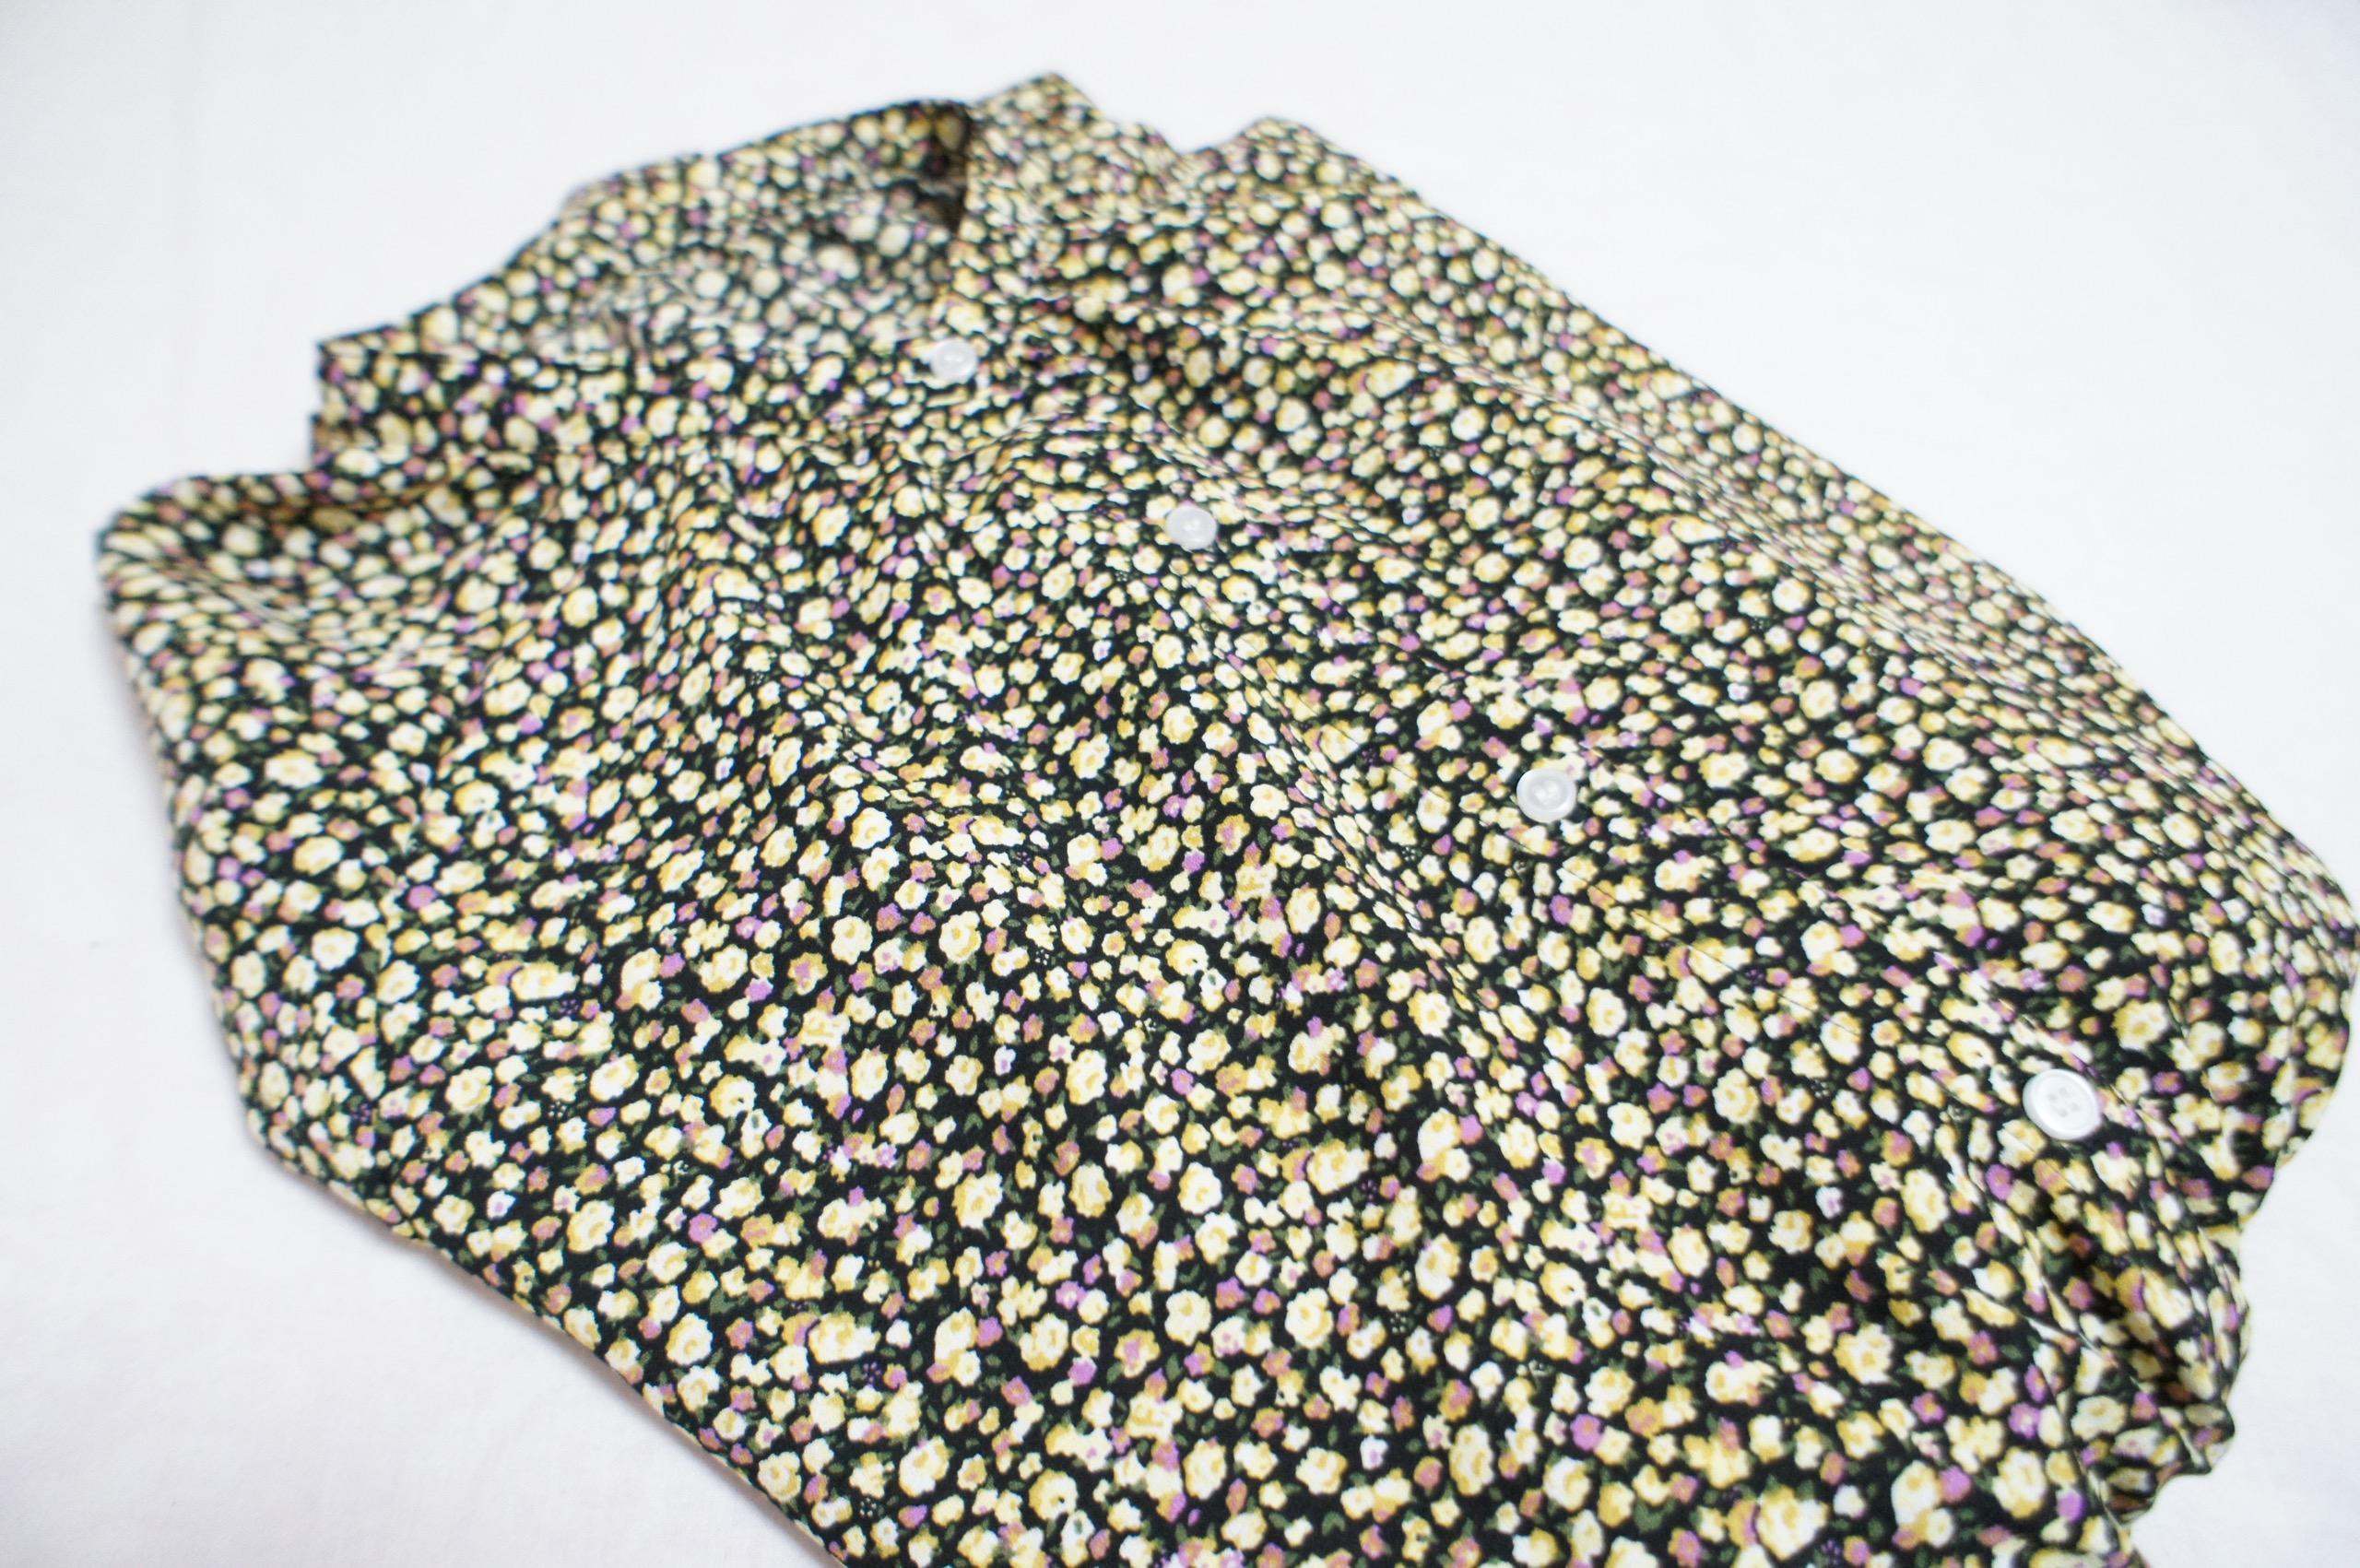 《#170cmトールガール》のプチプラコーデ❤️【GU】大人気の花柄ワンピースで春支度☻_1